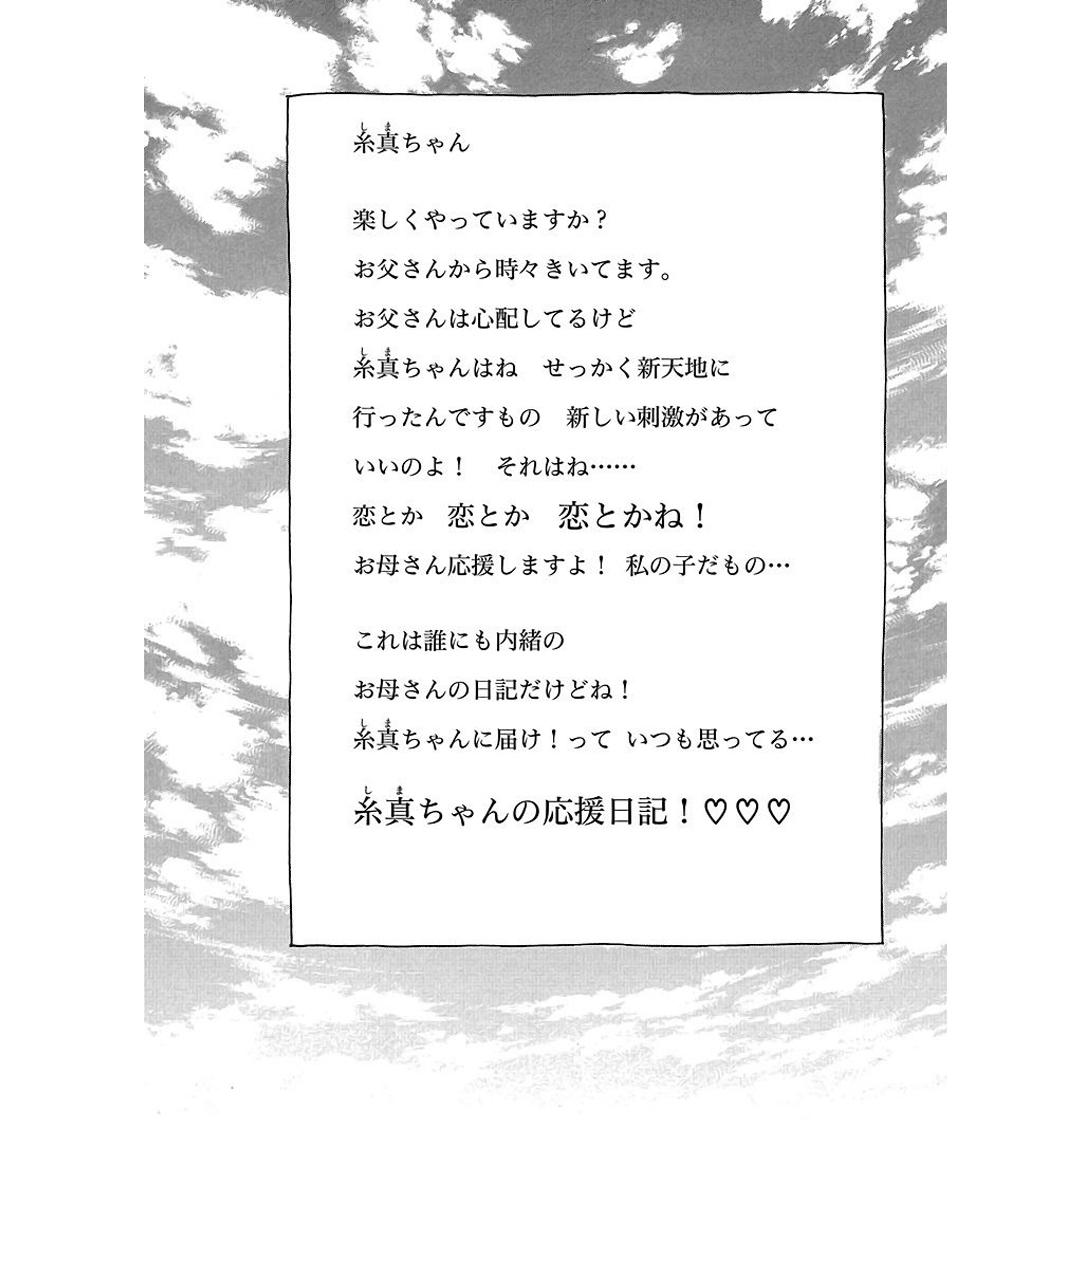 プリンシパル 第1話 試し読み_1_1-63